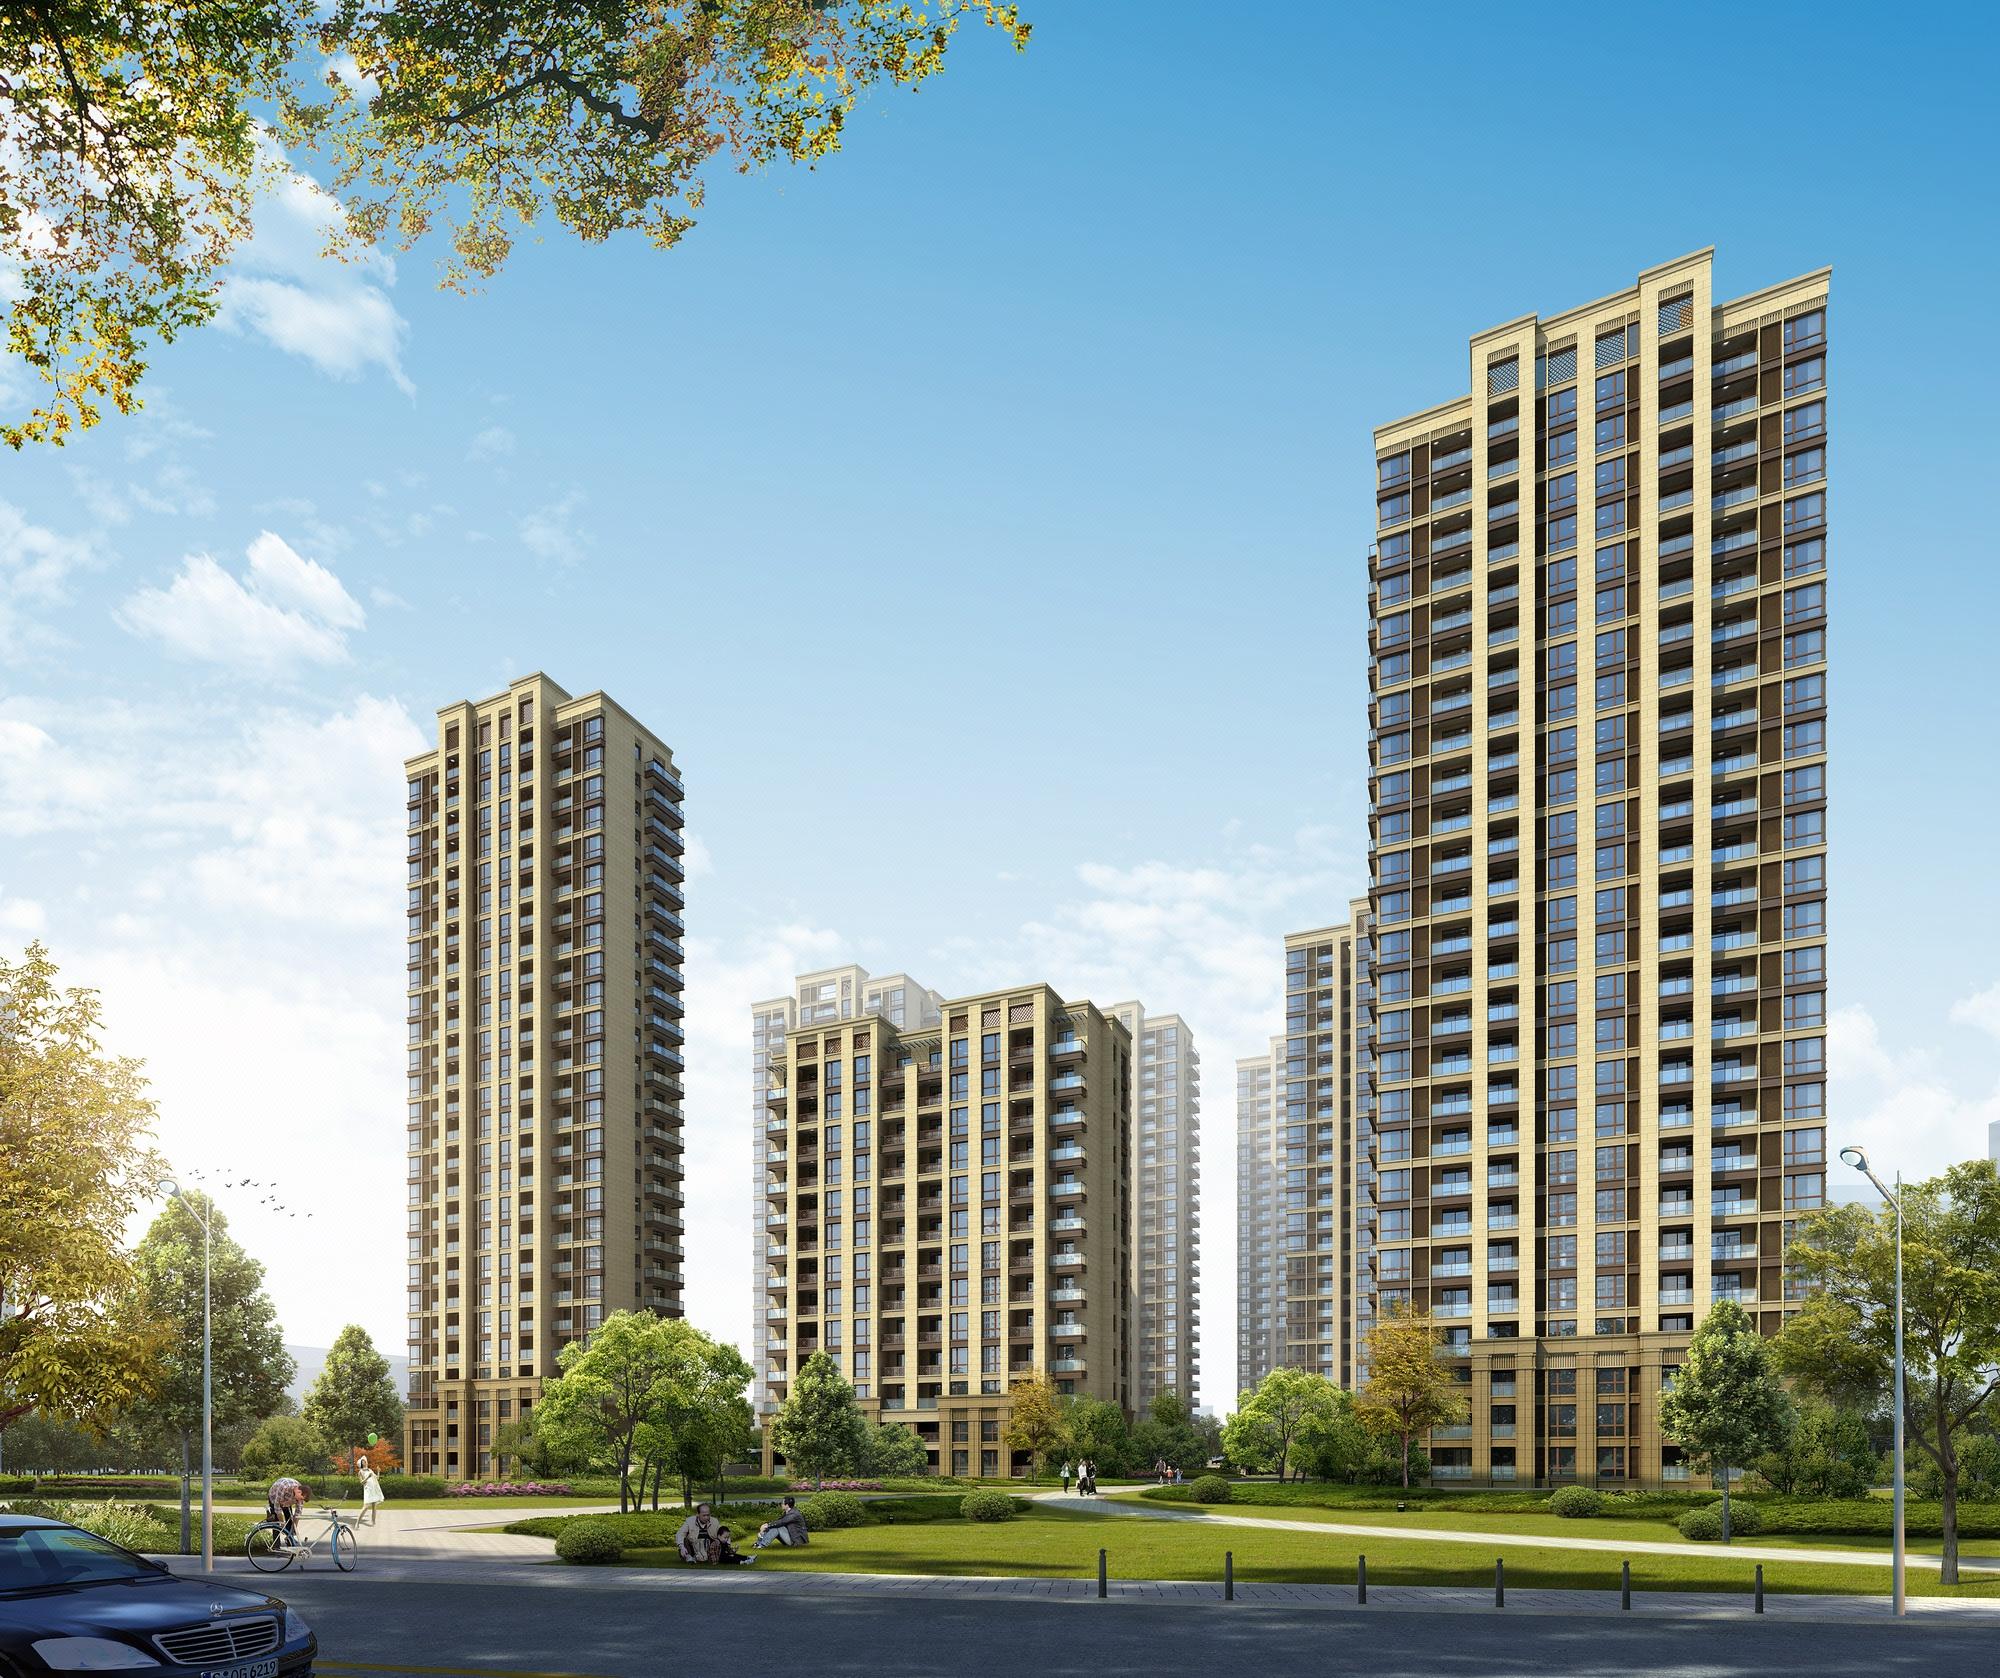 城市小区 高层 住宅 楼盘入口小区 建筑透视鸟瞰效果图